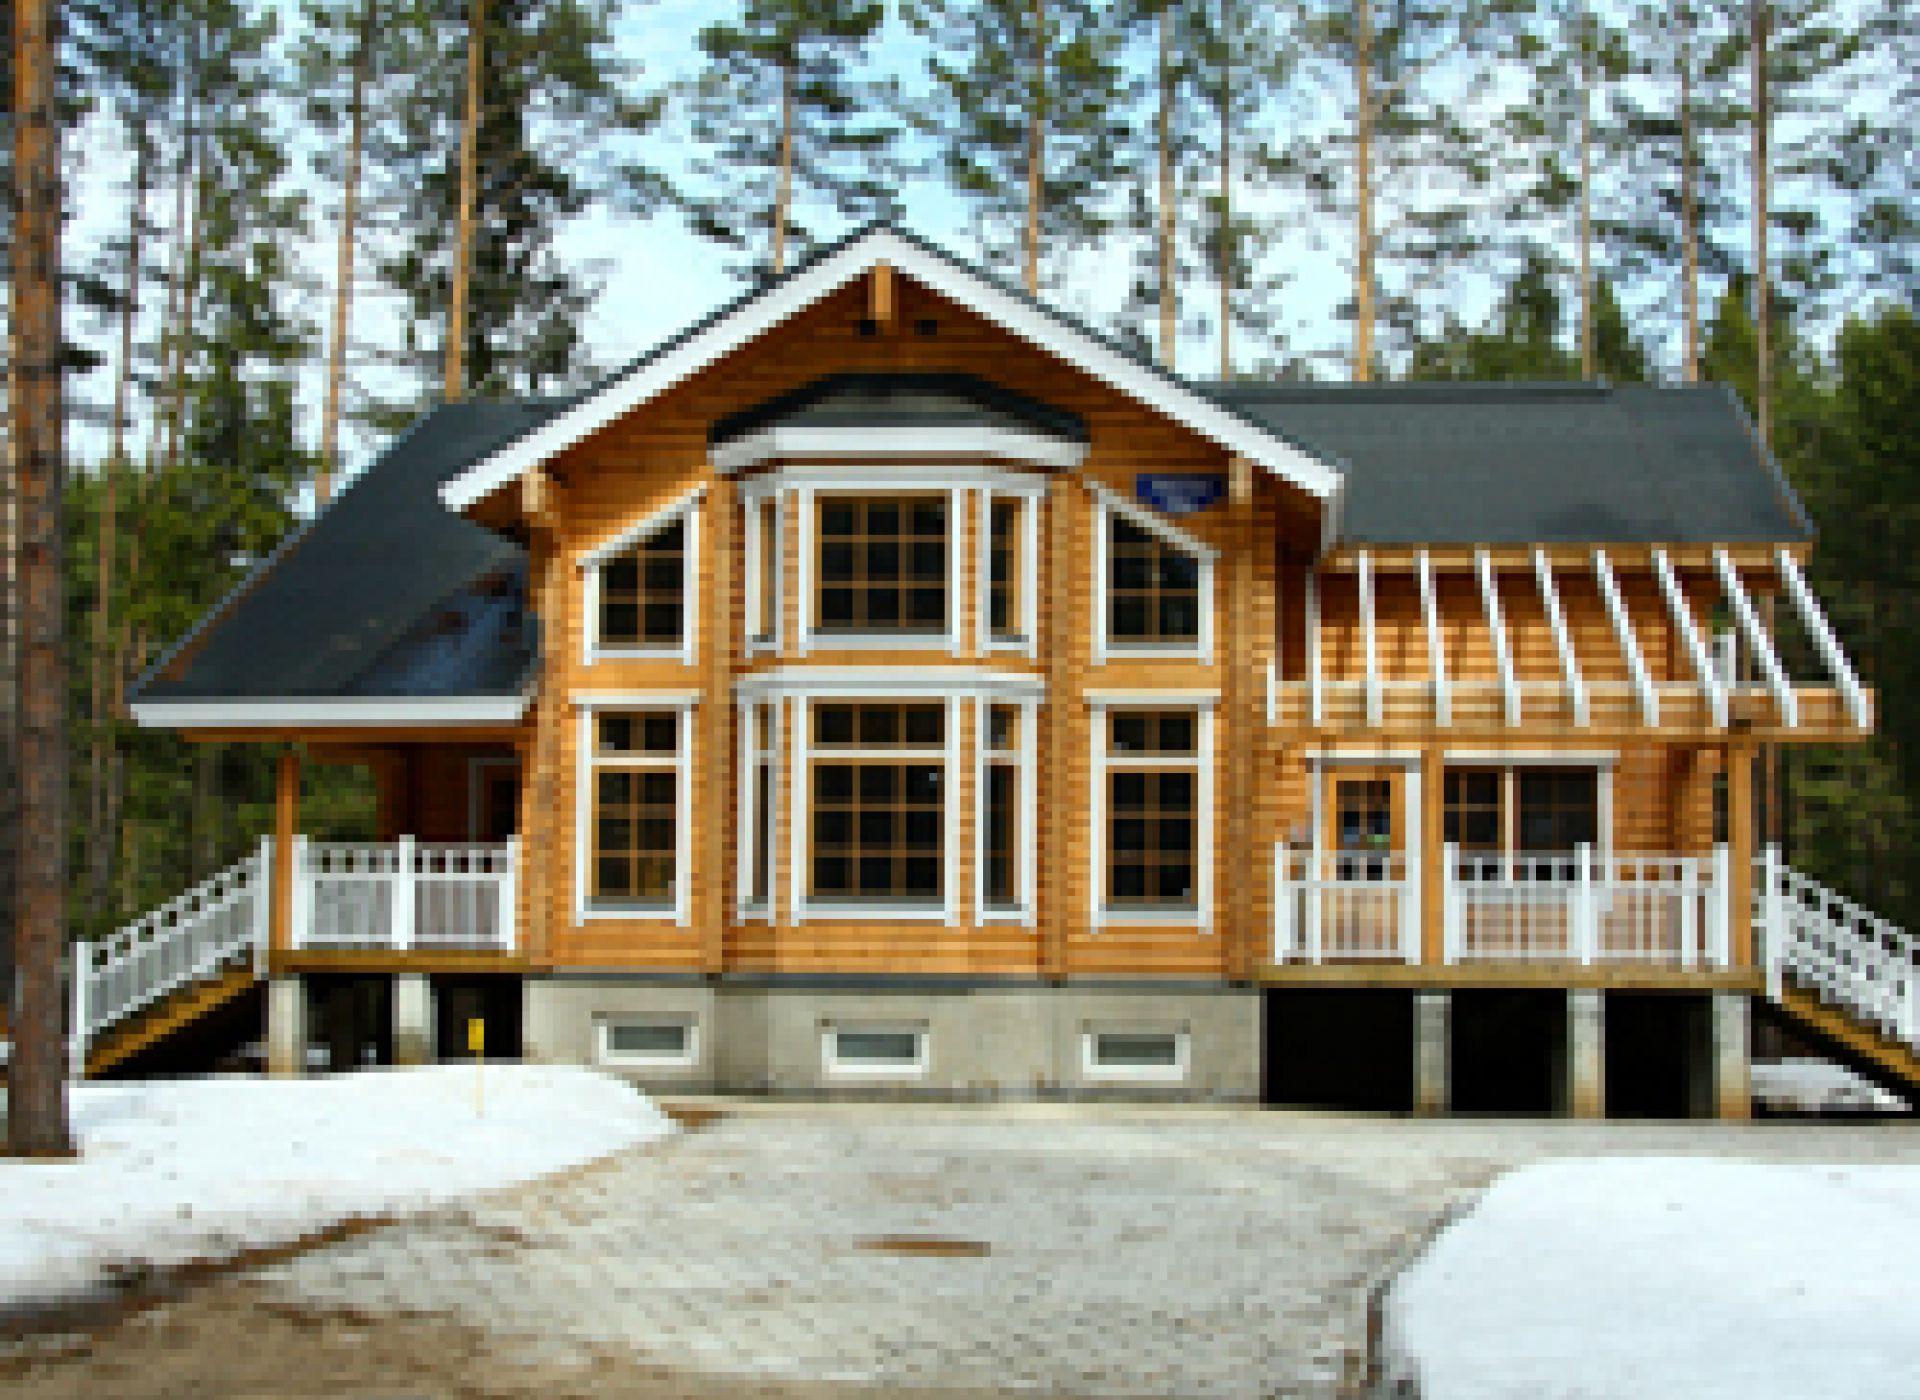 Компания HONKA вышла на финишную прямую в реализации элитного коттеджного поселка «Деревня Демидково» в Пермской области.